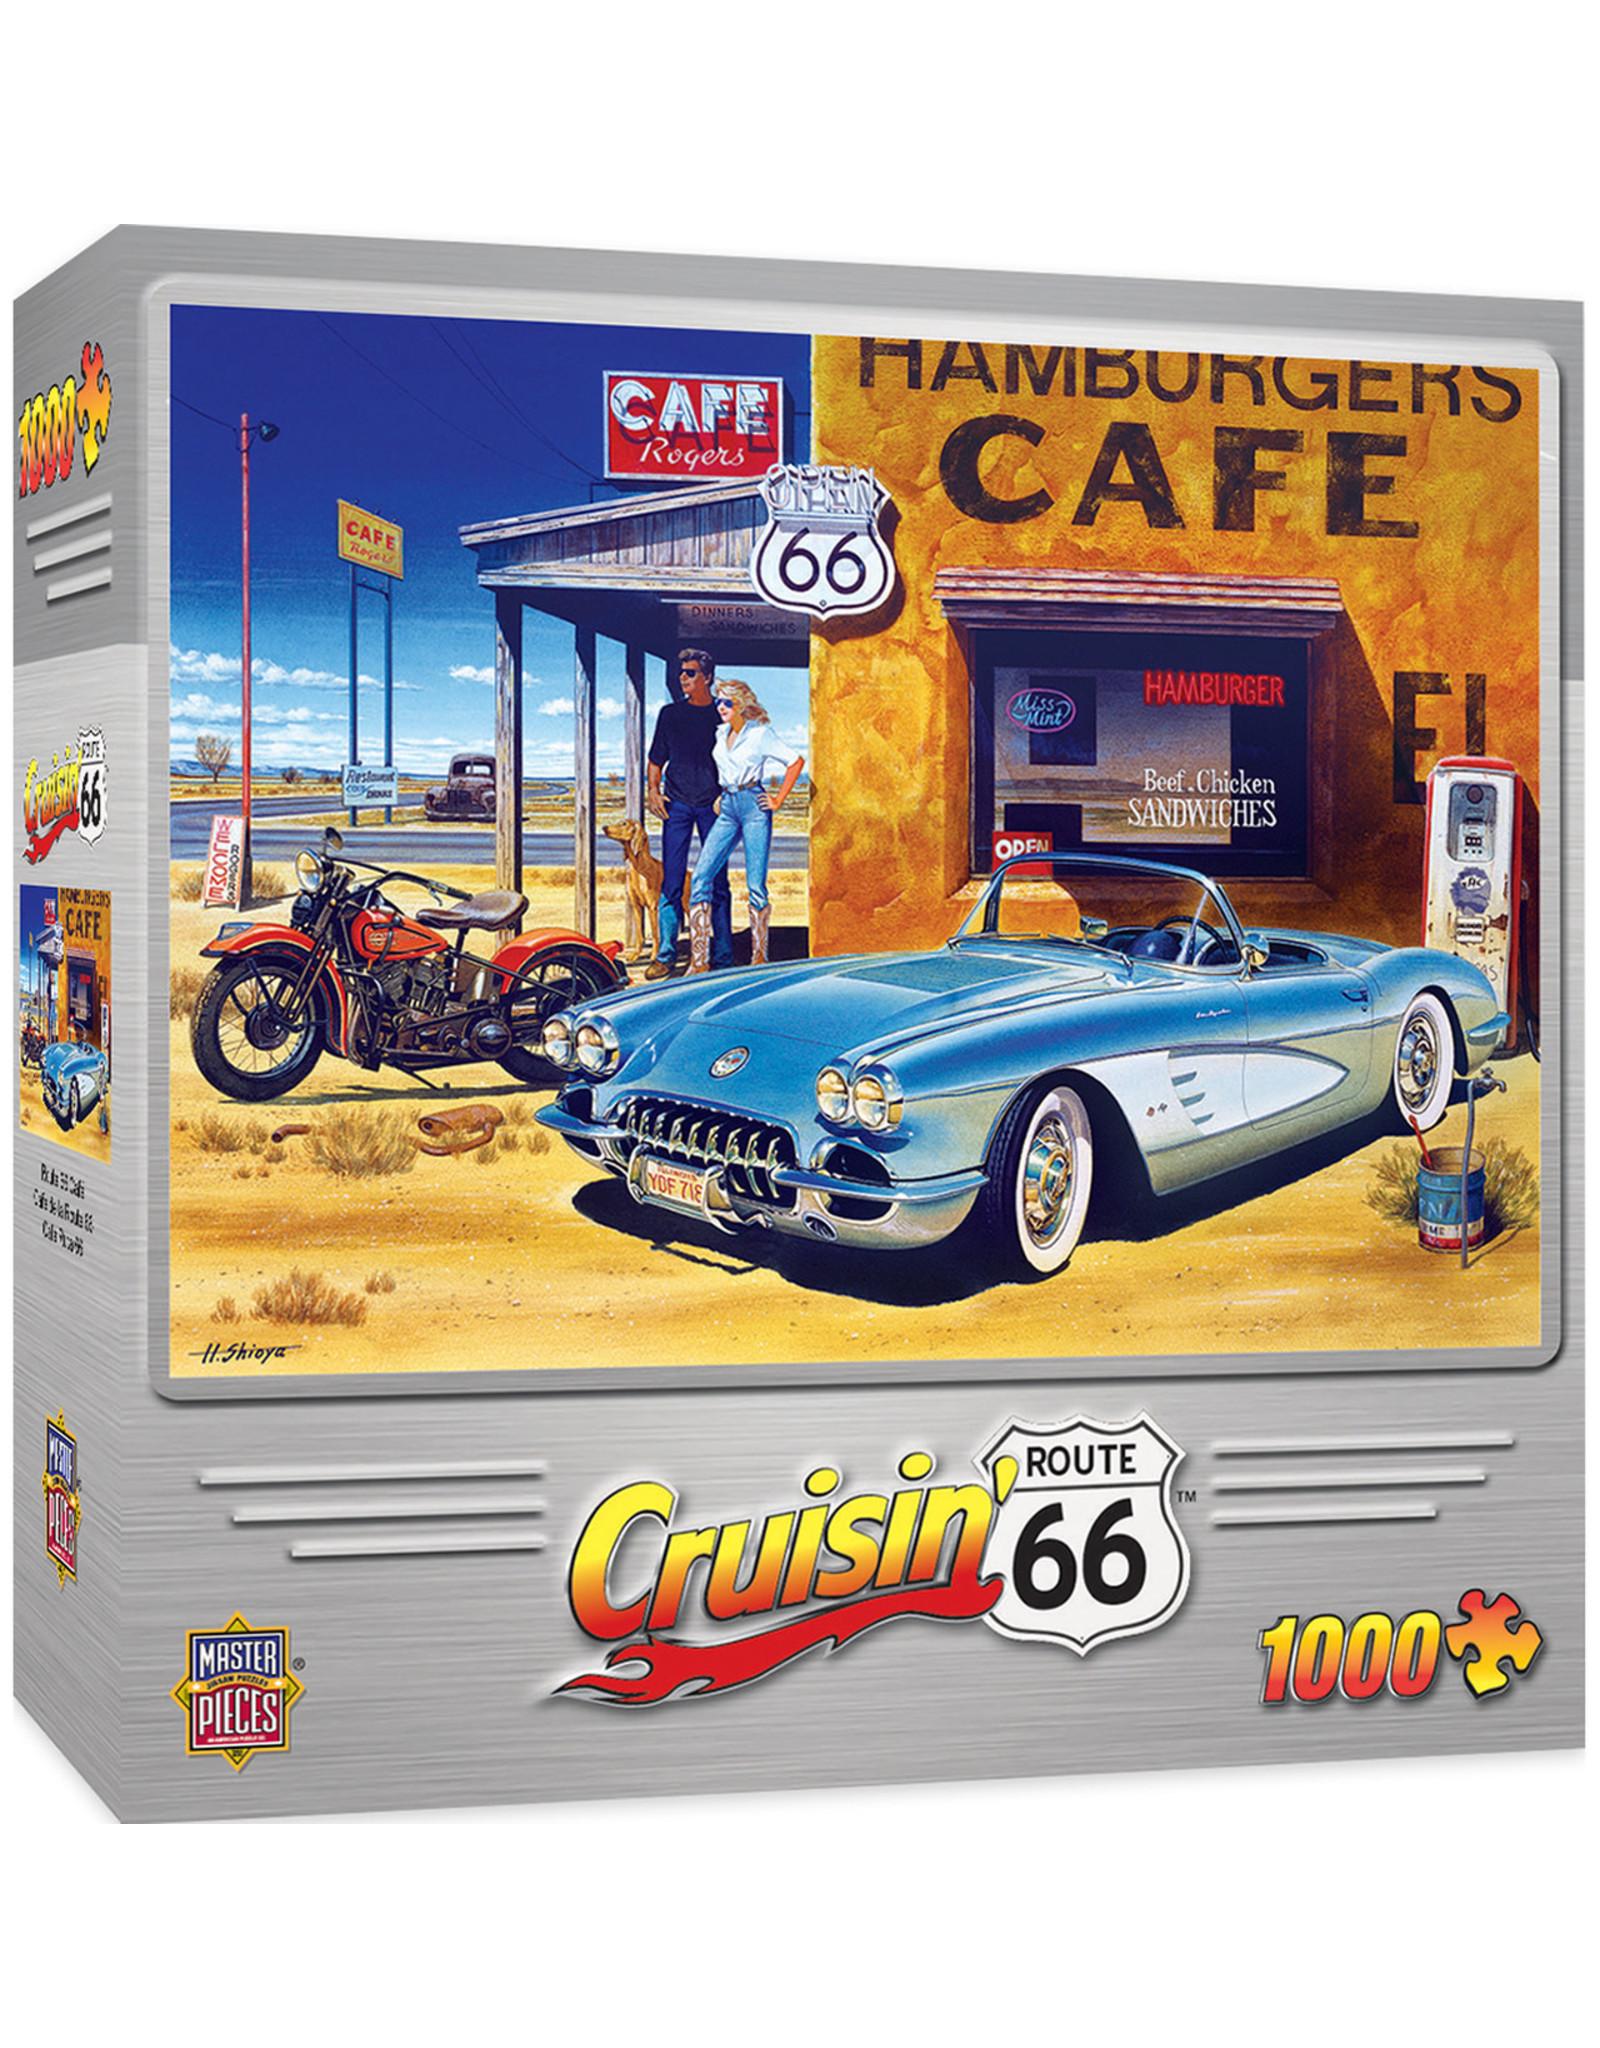 Master Pieces Cruisin' Rt66 - Route 66 Café 1000 pc Puzzle